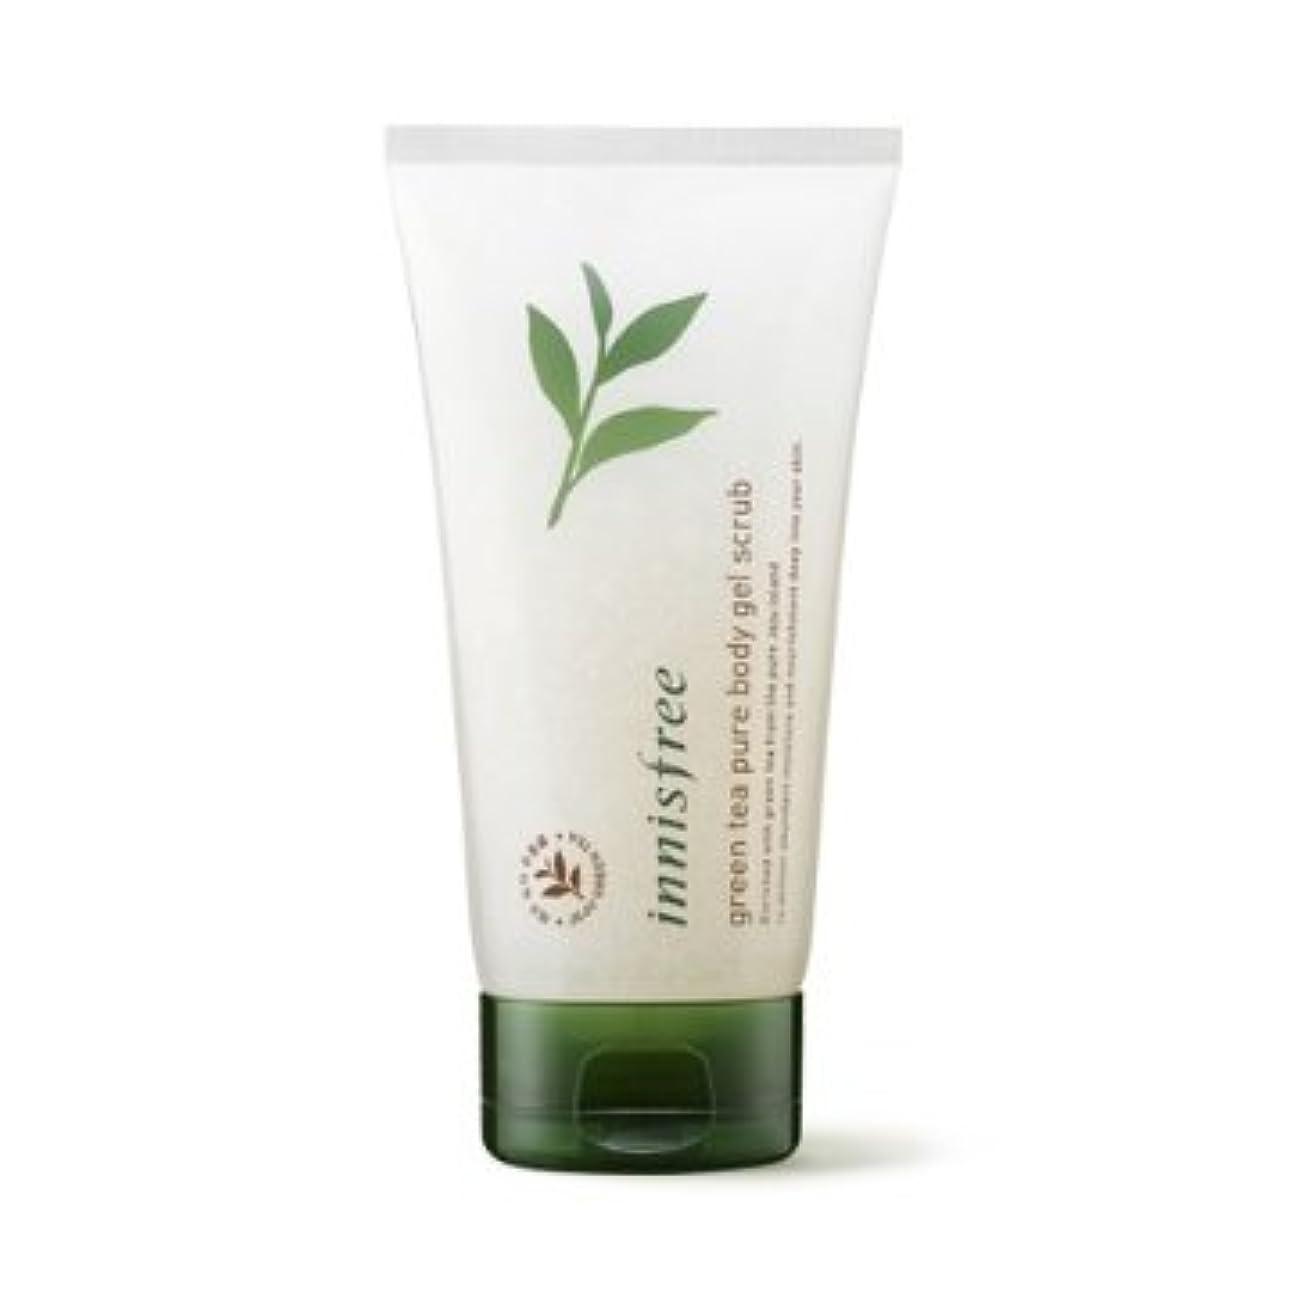 迫害する発音するクマノミ【イニスフリー】Innisfree green tea pure body gel scrub - 150ml (韓国直送品) (SHOPPINGINSTAGRAM)